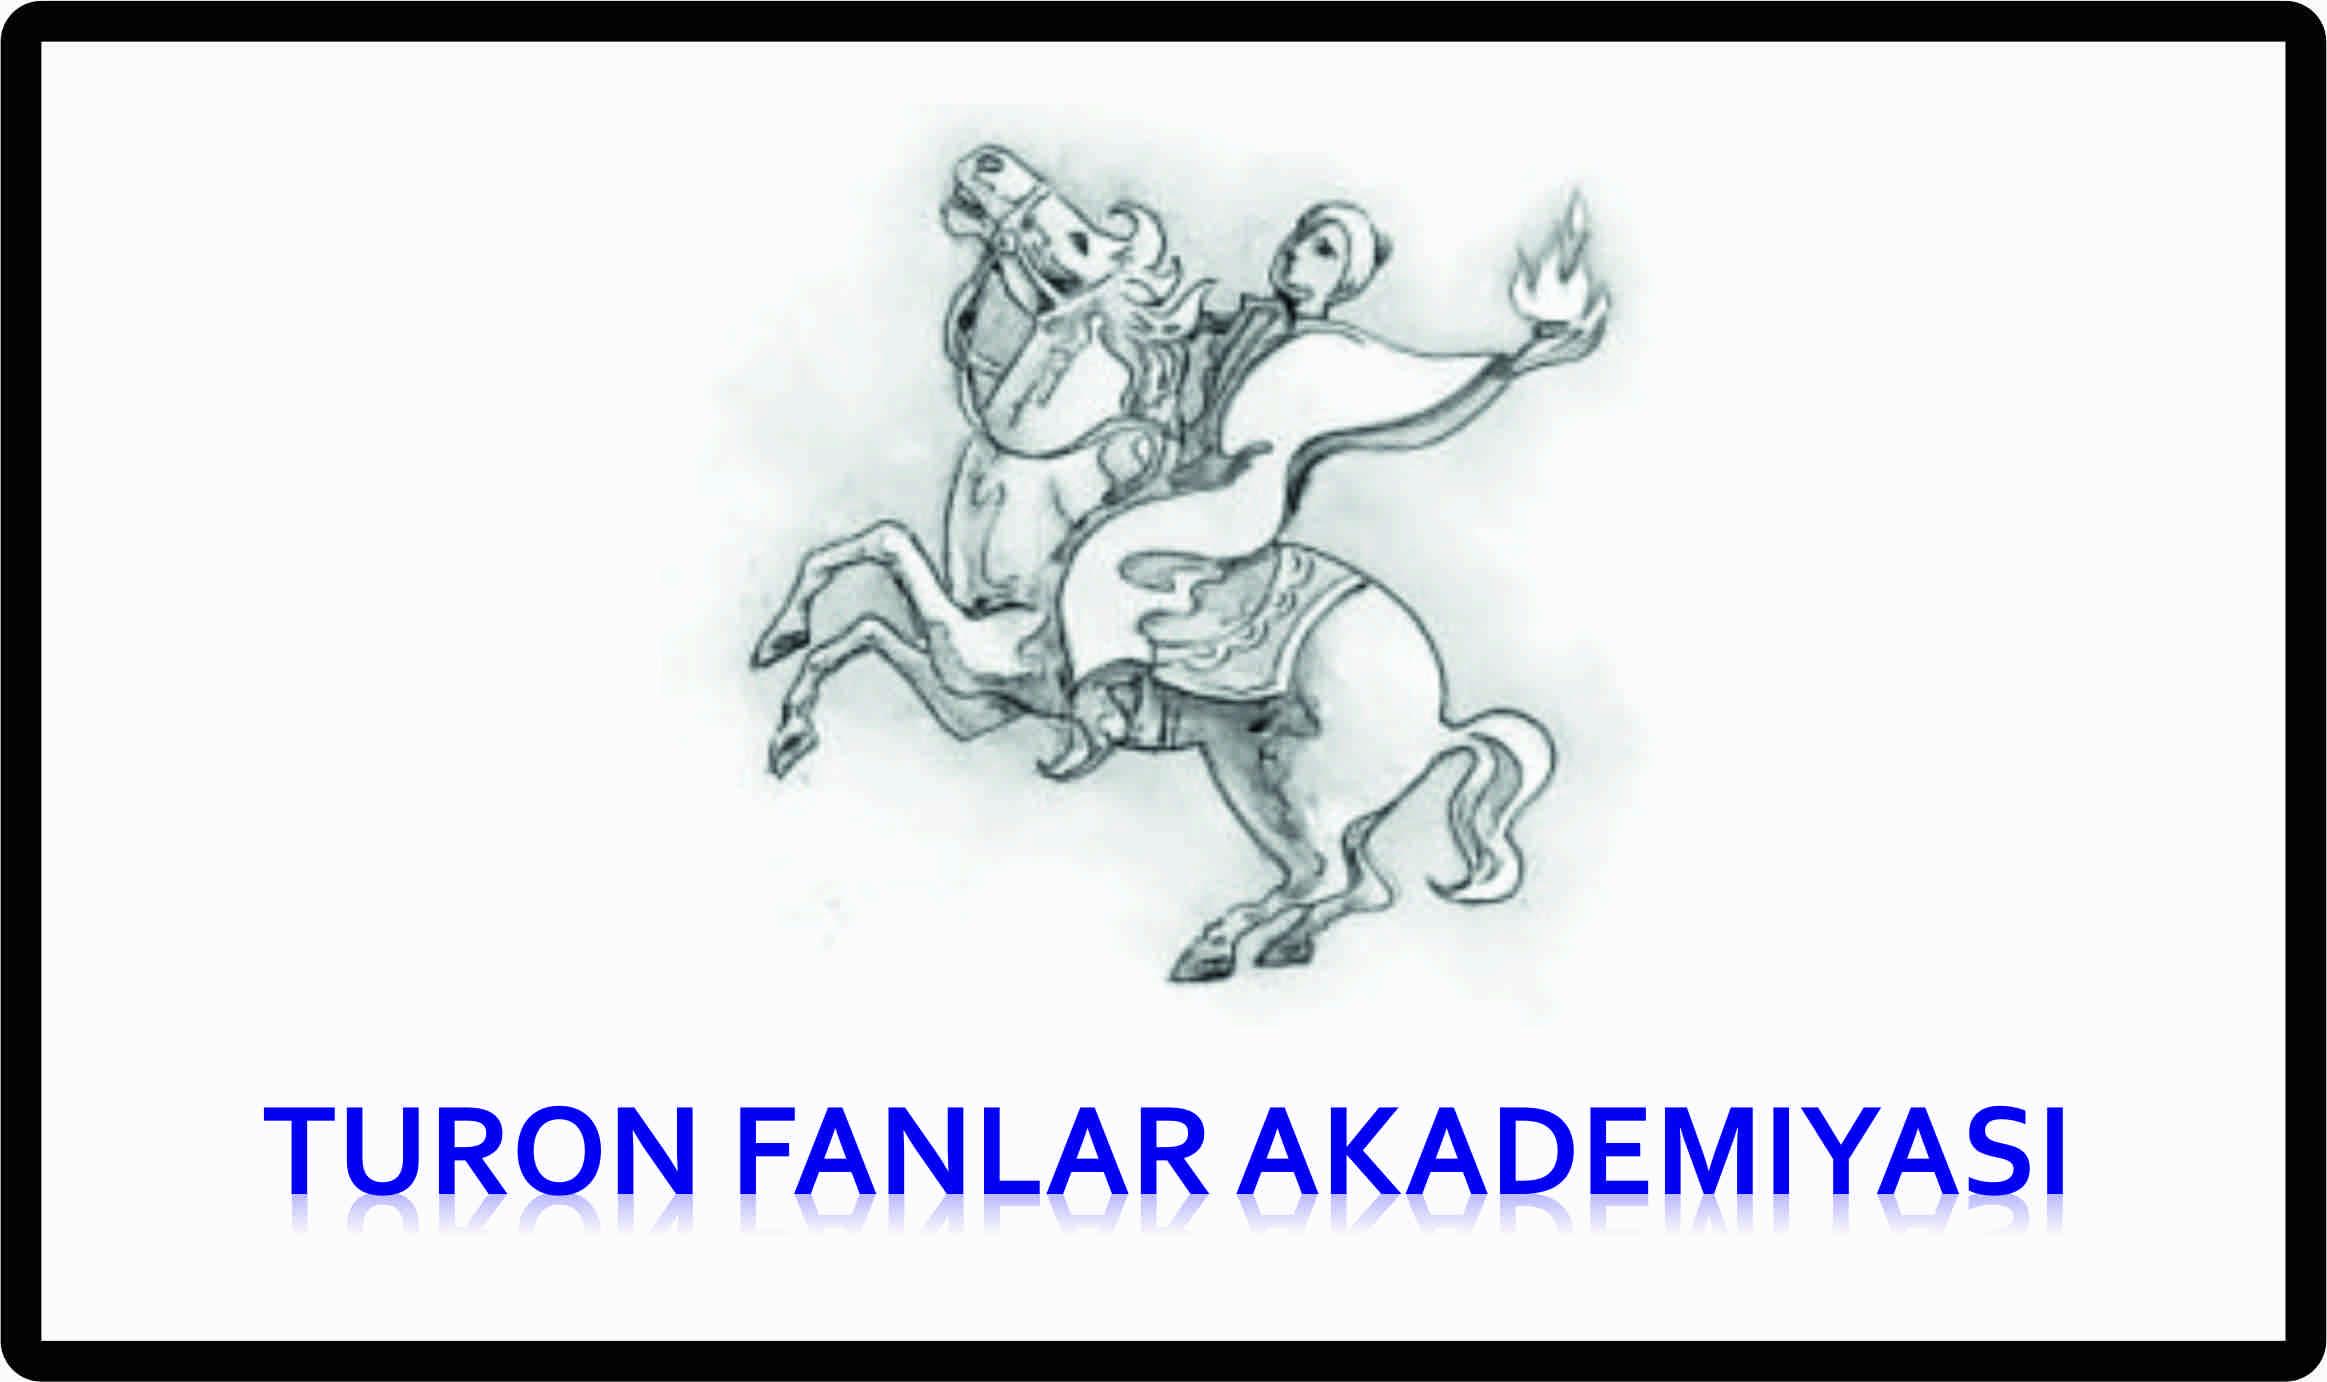 «Turon fanlar akademiyasi»